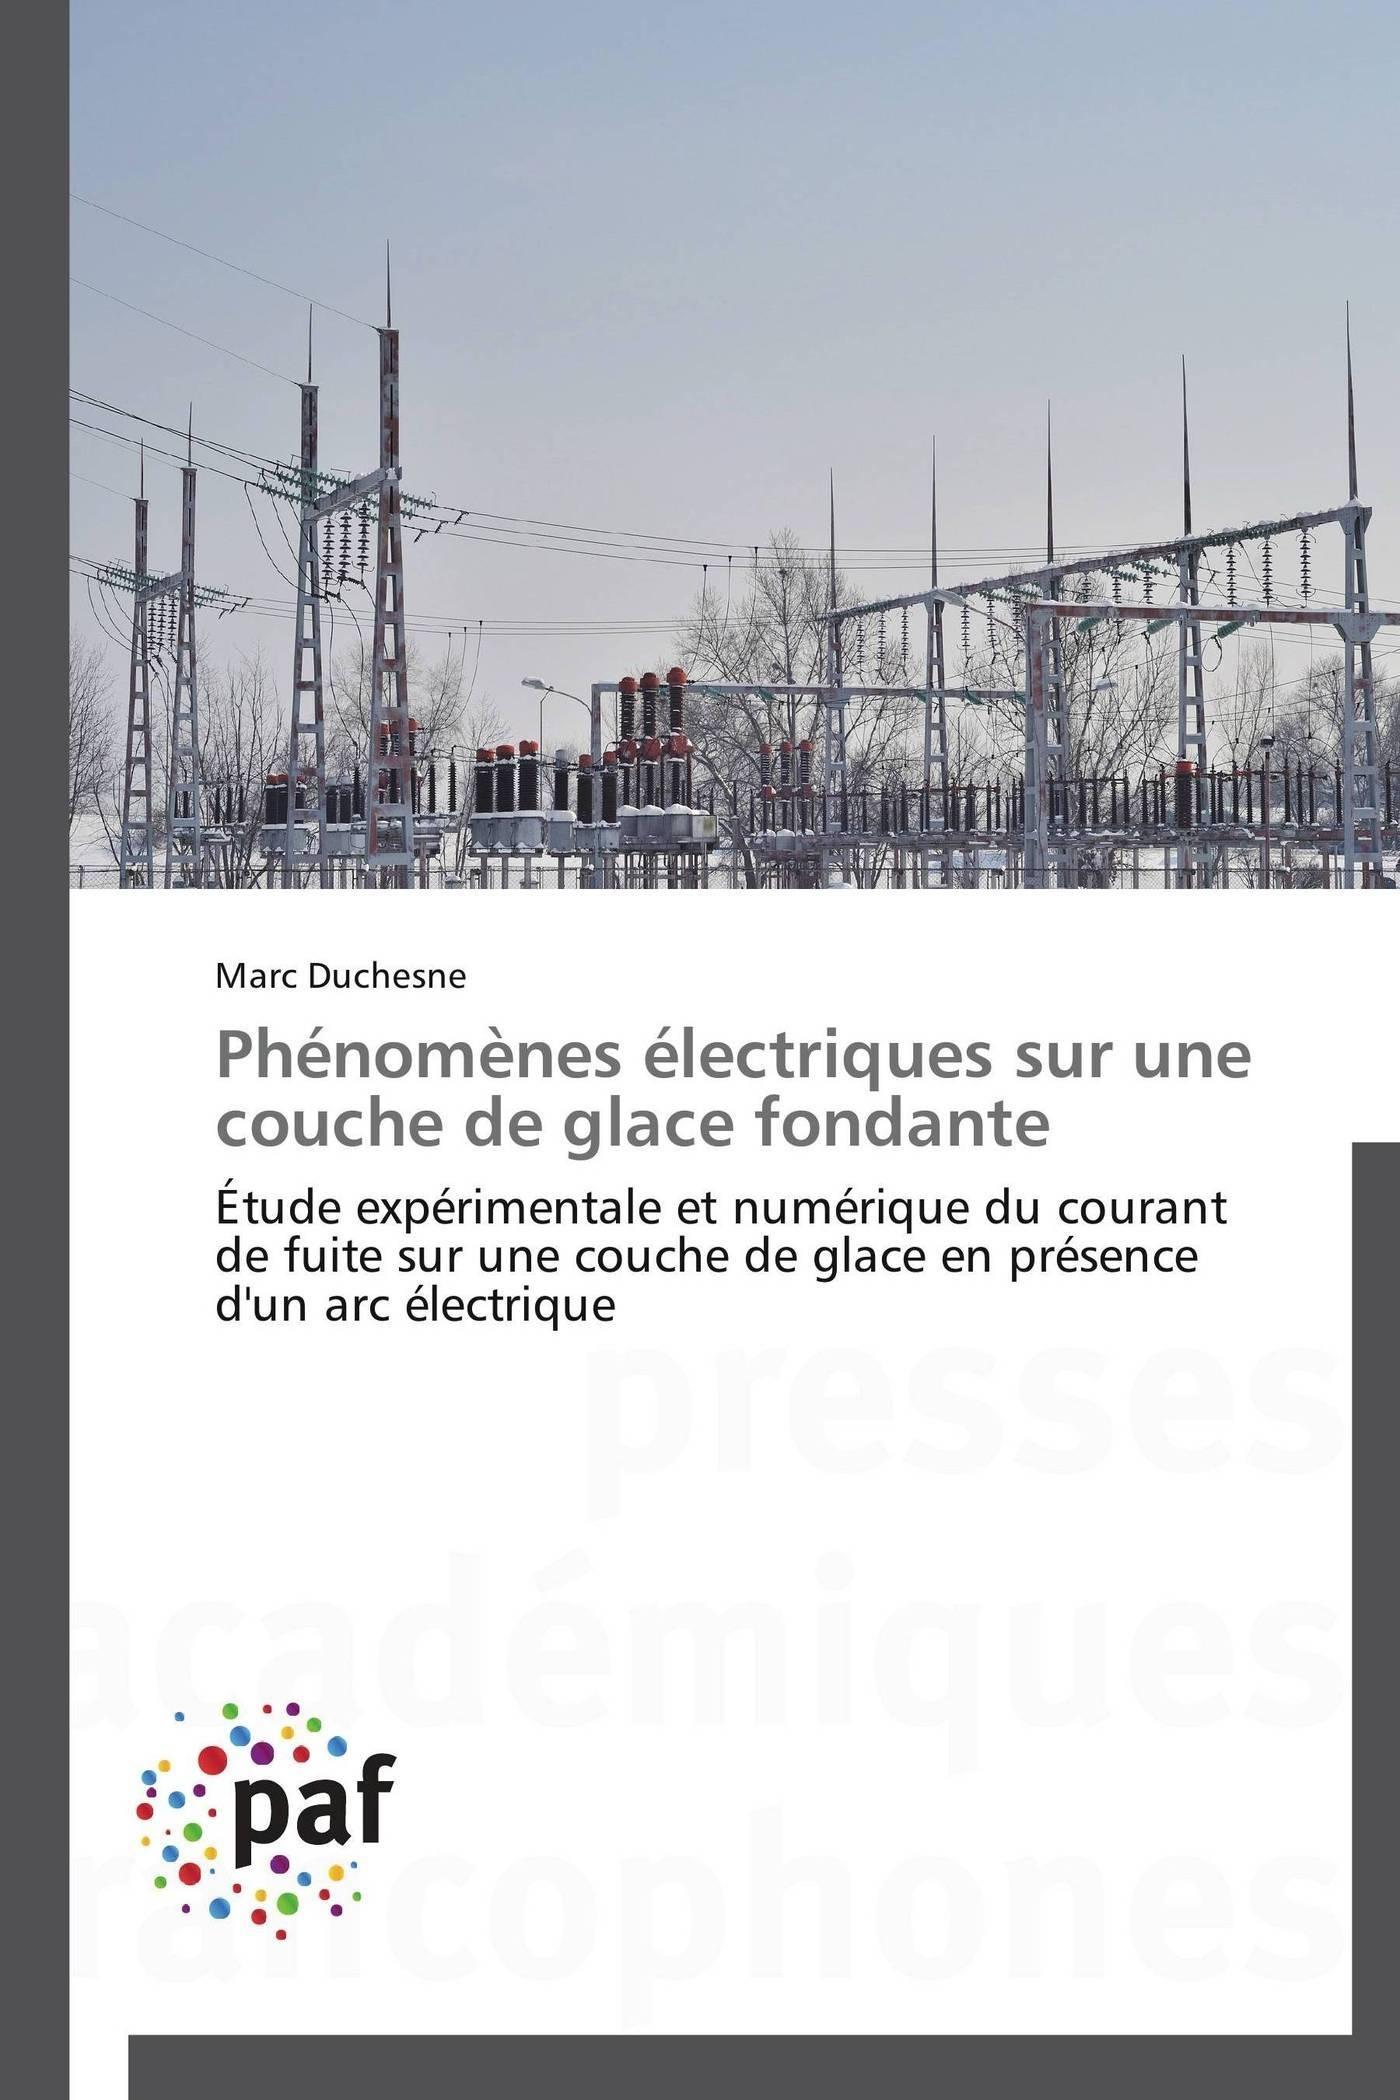 PHENOMENES ELECTRIQUES SUR UNE COUCHE DE GLACE FONDANTE